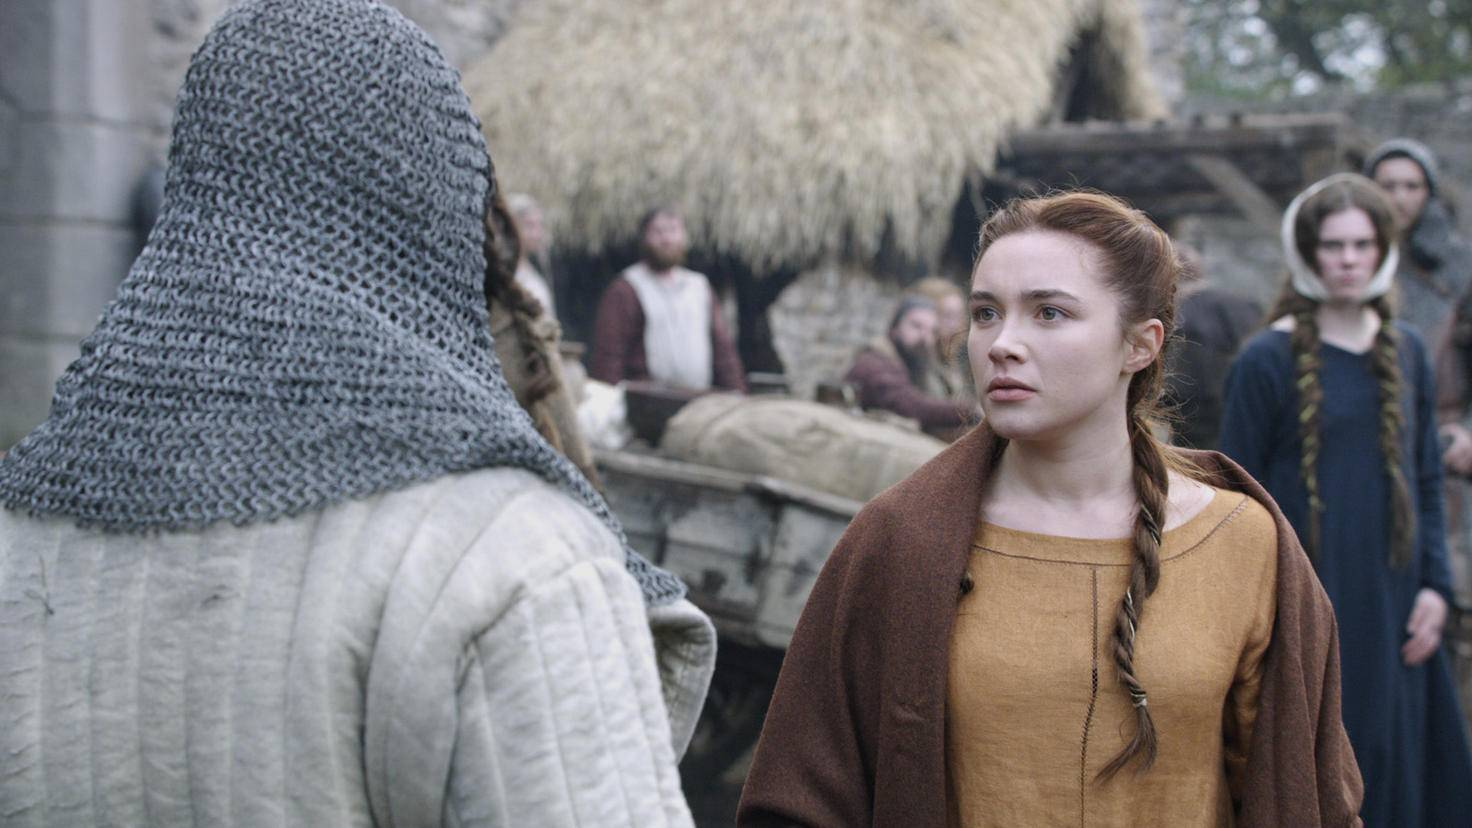 Überraschend gut: Florence Pugh als toughe Frau von Robert the Bruce, Elizabeth Burgh.